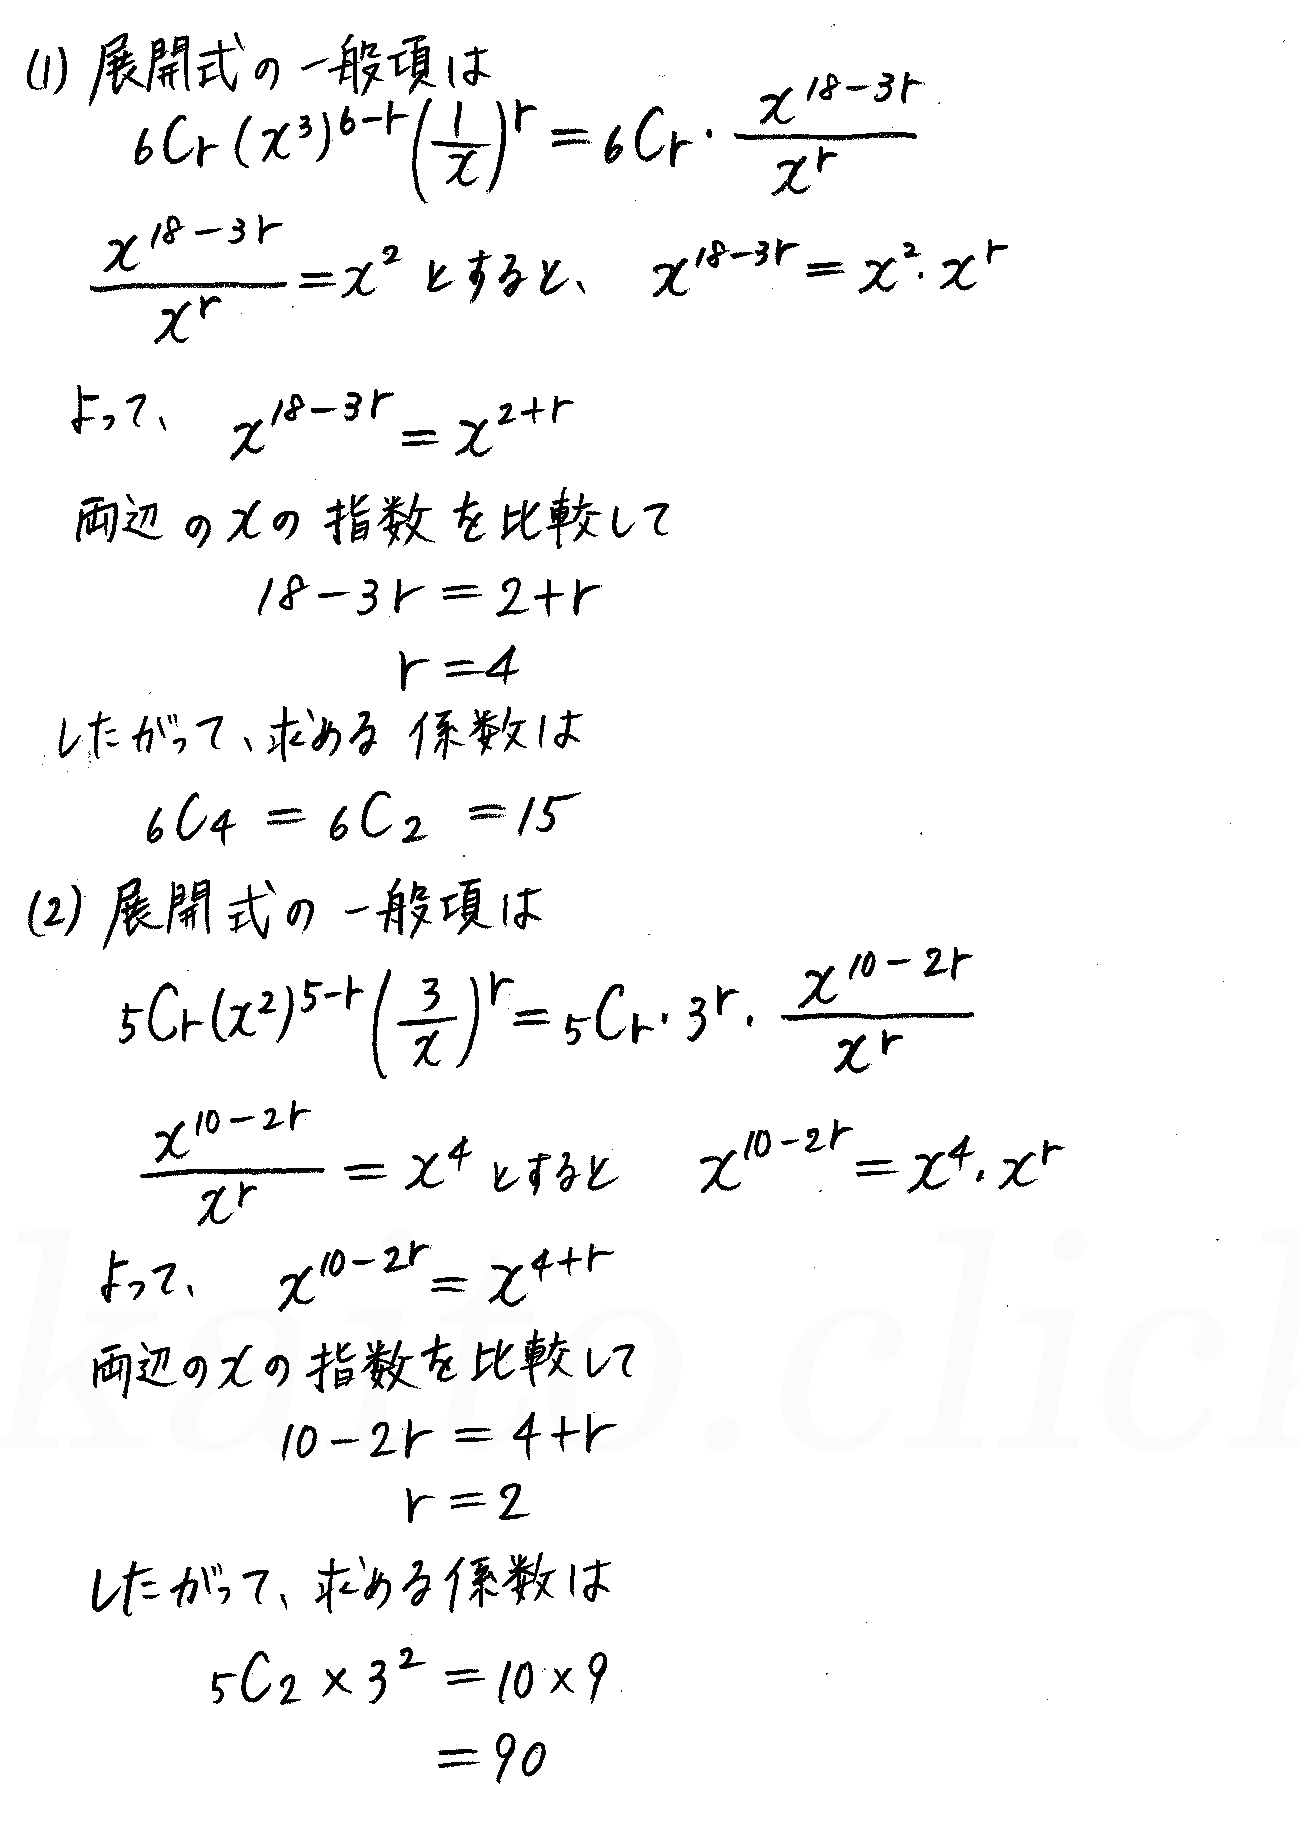 クリアー数学2-14解答